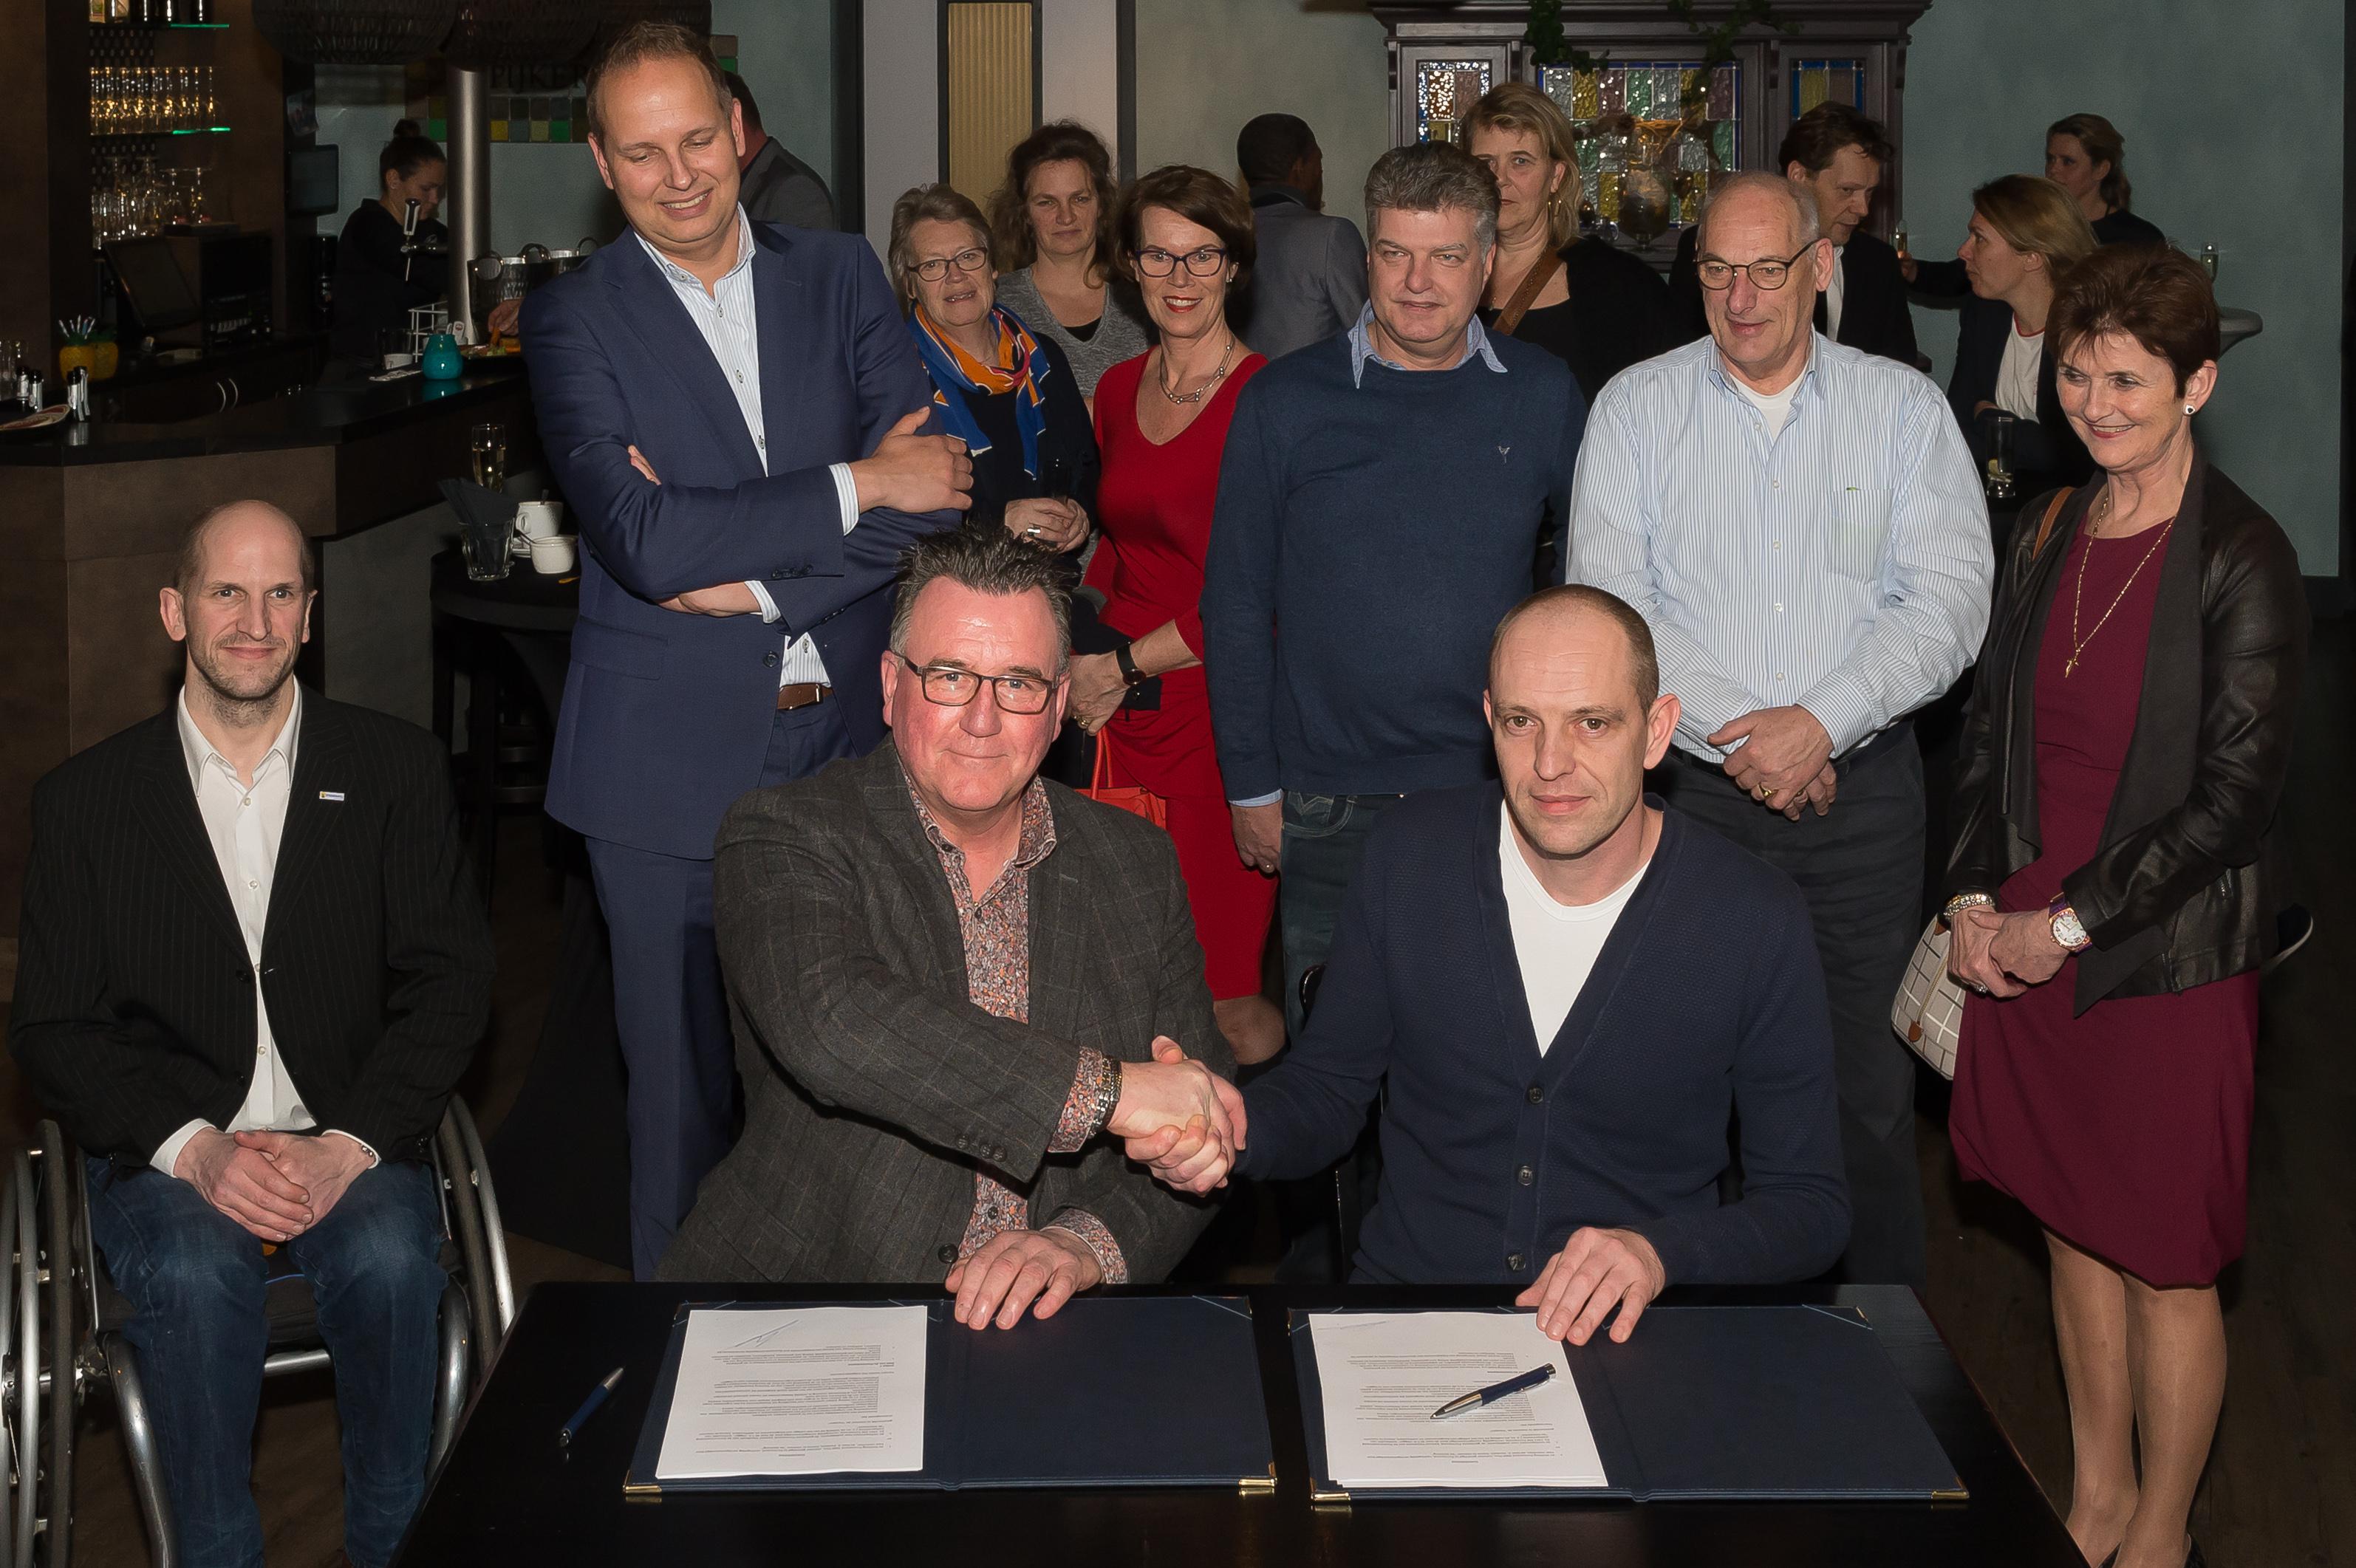 Onder toeziend oog van vertegenwoordigers van de deelnemende ondernemerspartijen gaven Mario Hegger en Daniel Pardoen elkaar de hand. (Foto: Han Giskes)